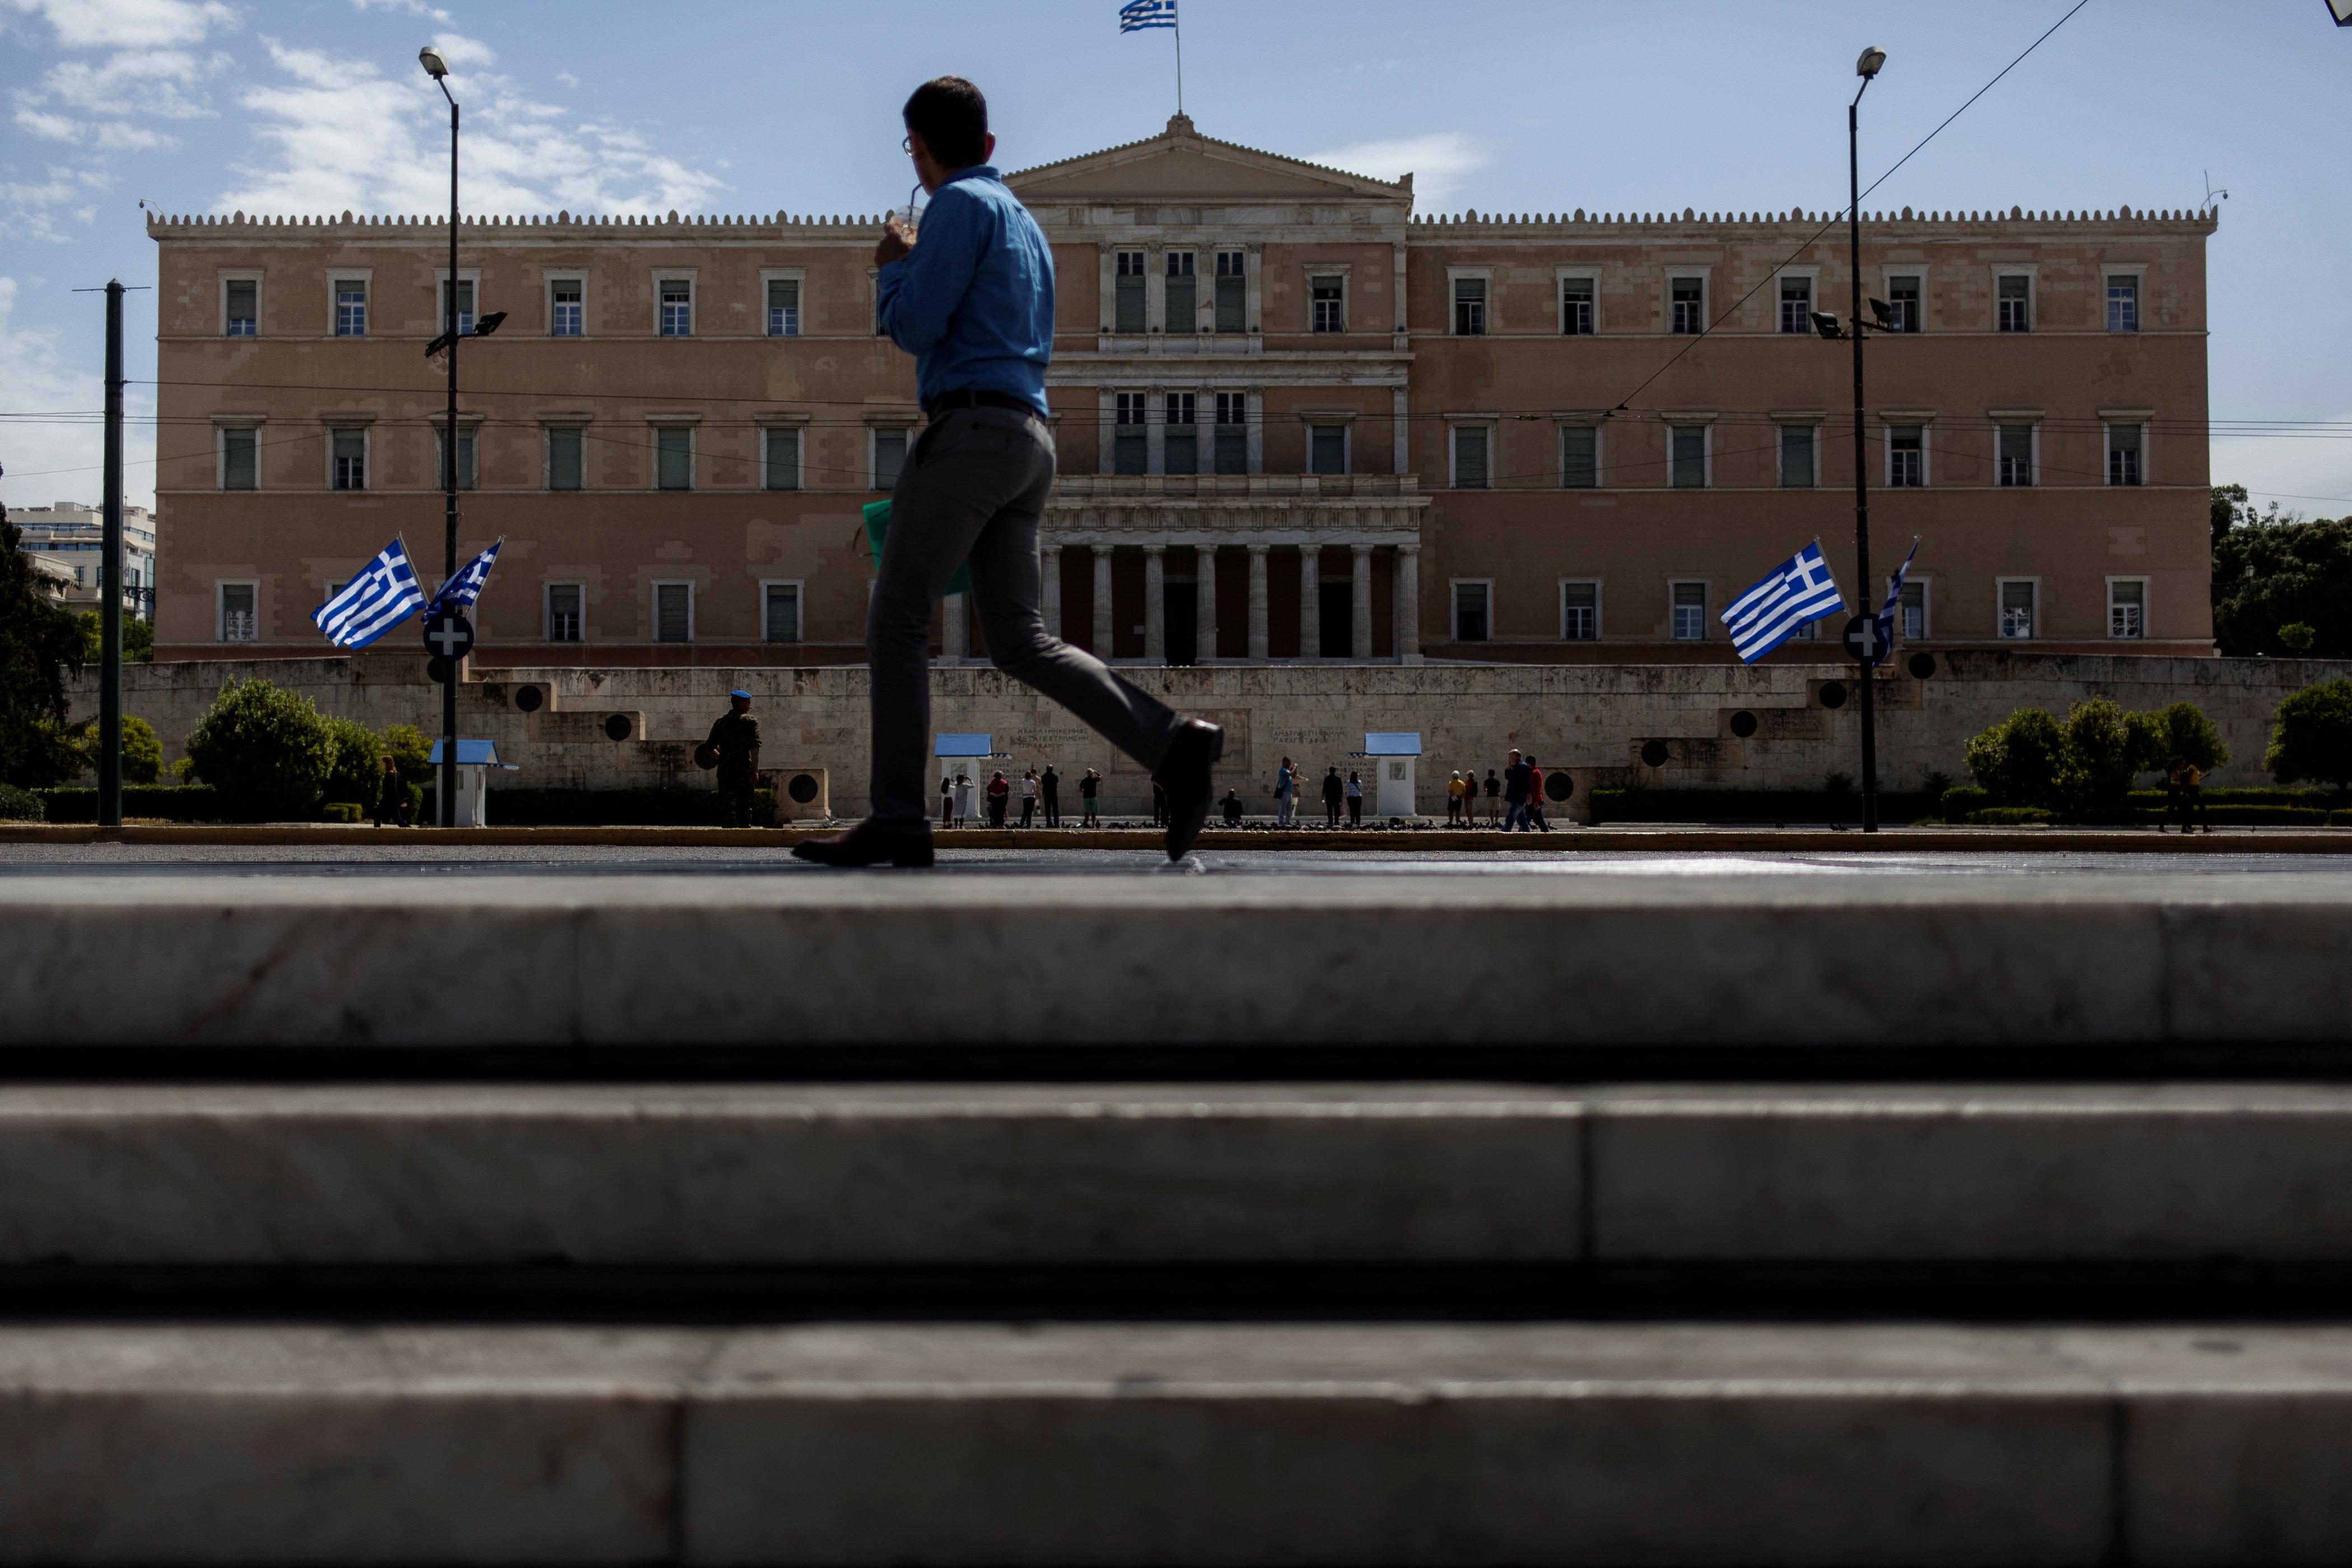 Έξι στους δέκα Έλληνες επιστήμονες του εξωτερικού θέλουν να γυρίσουν